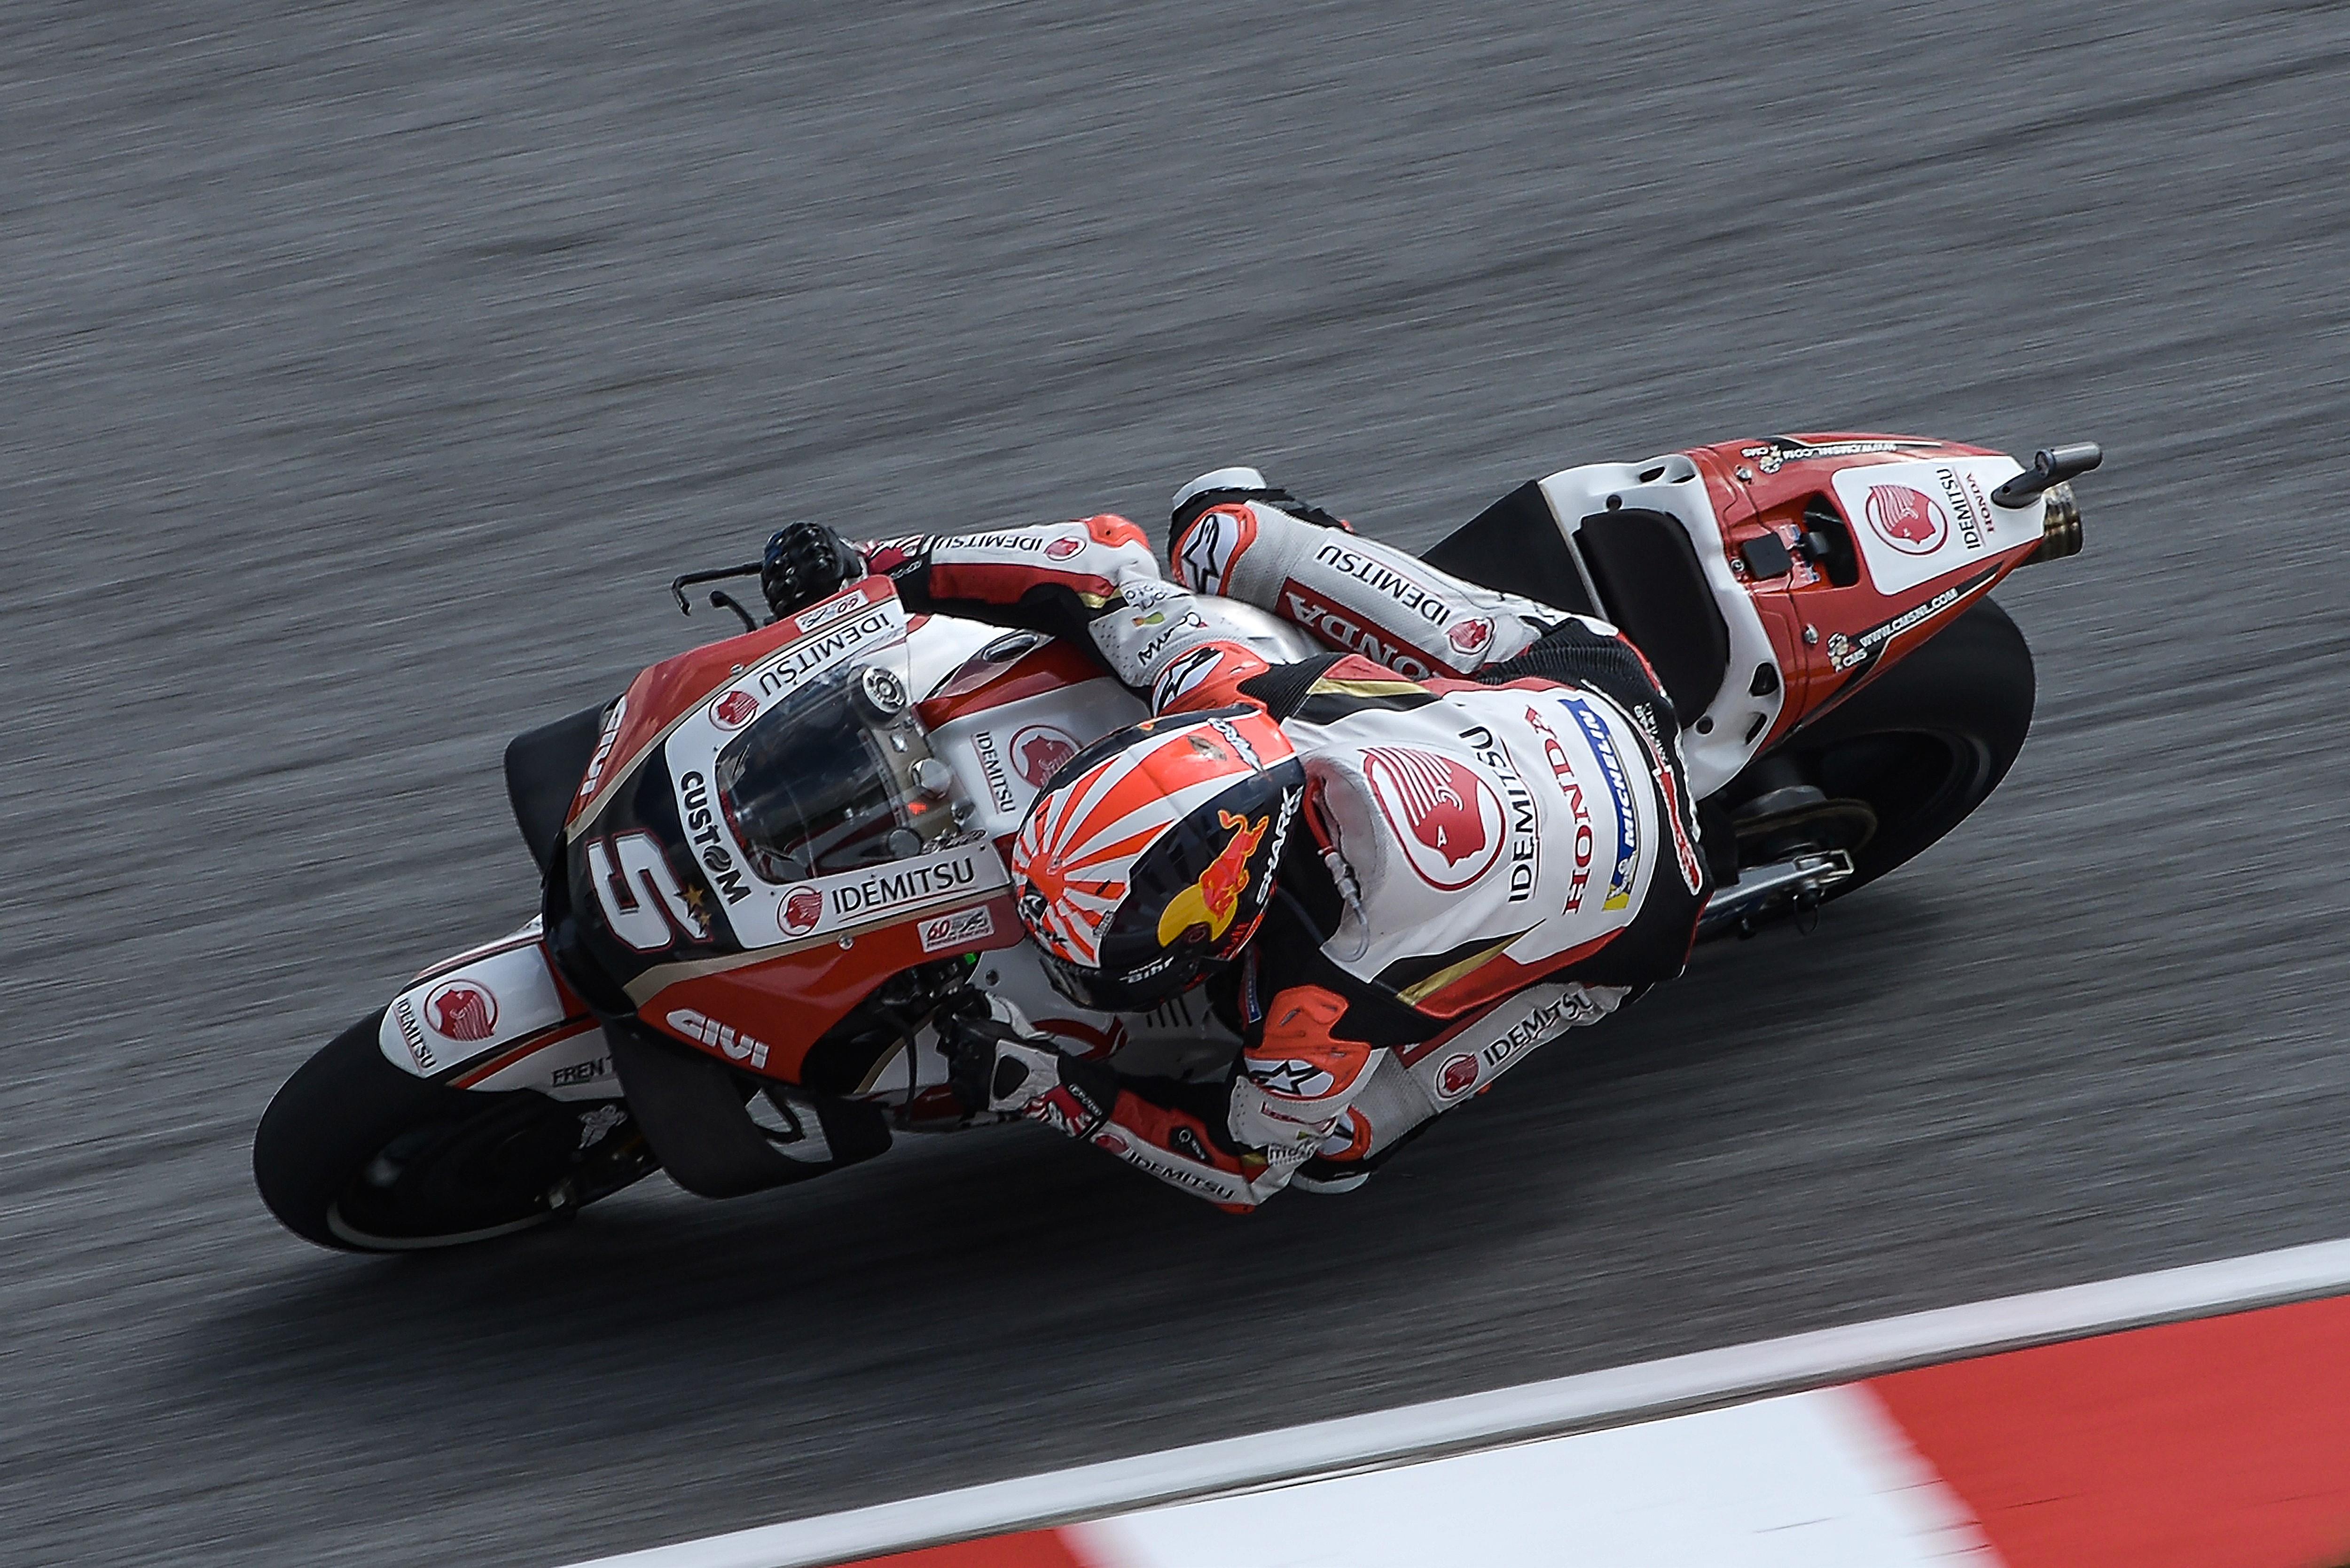 Johann Zarco (Honda LCR) au Grand Prix de Malaisie 2019